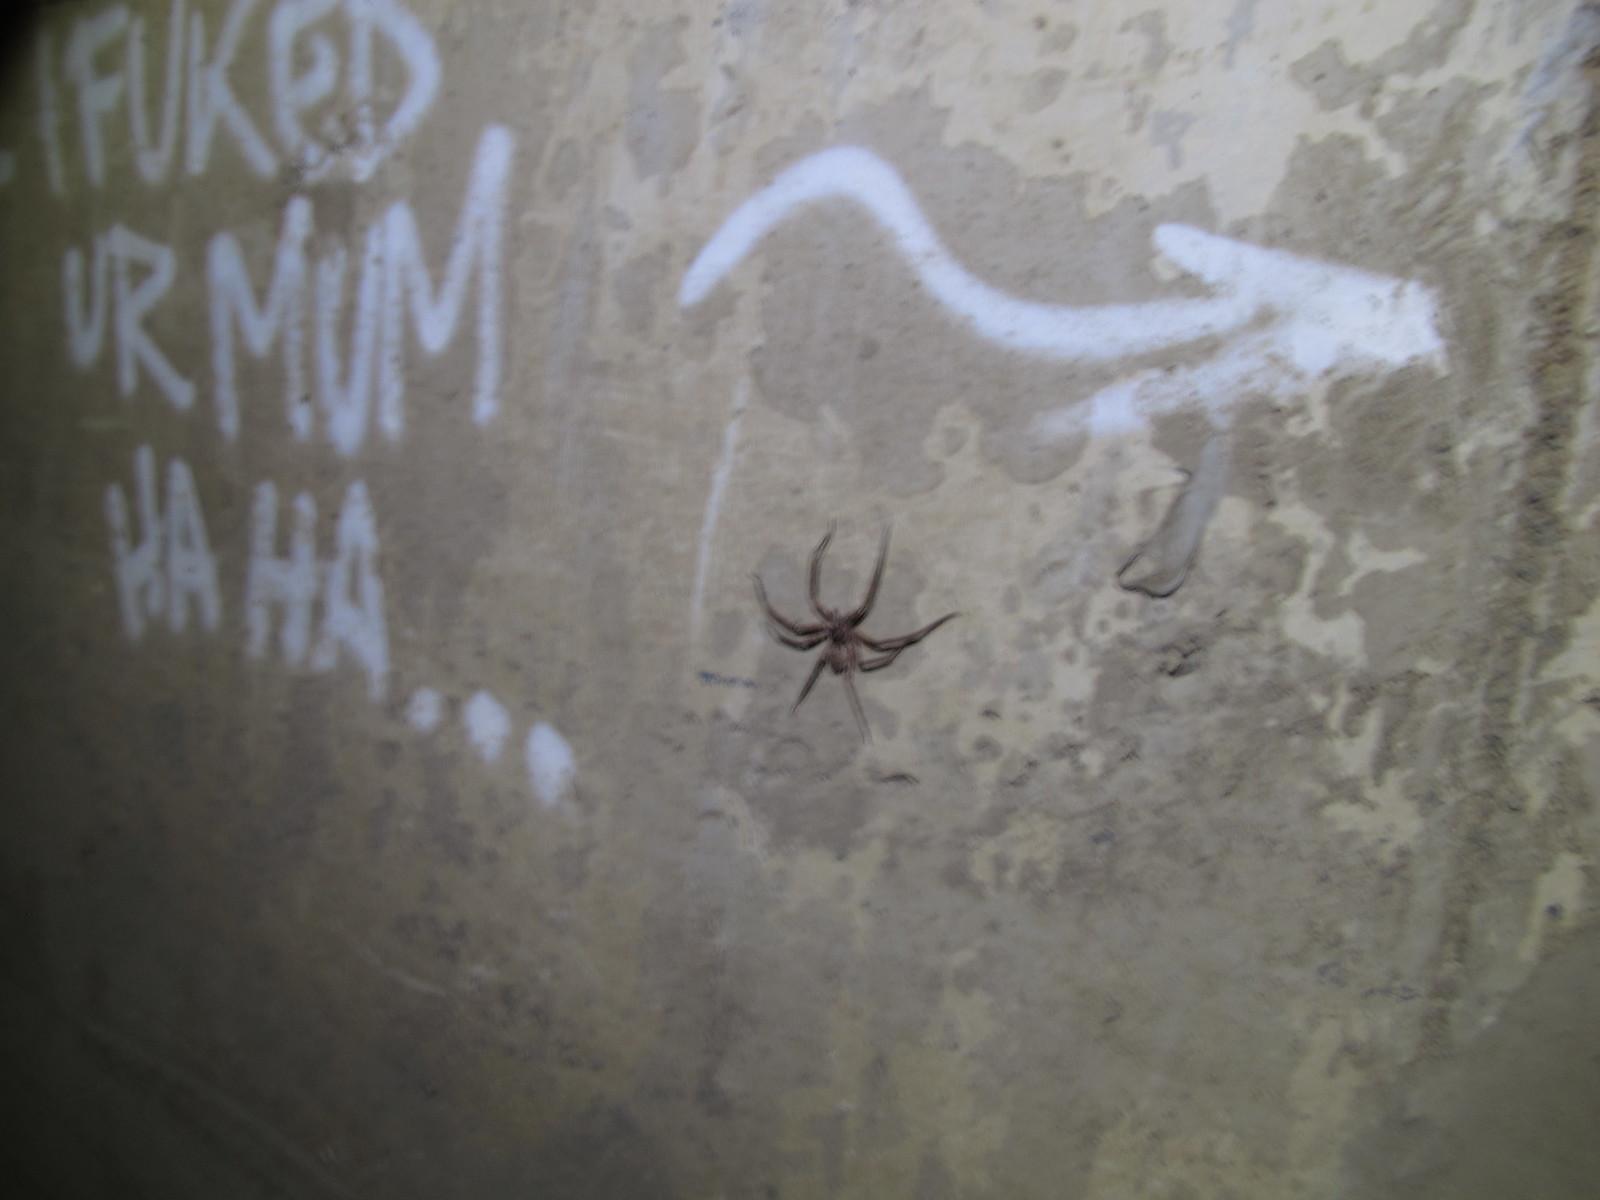 Spider?